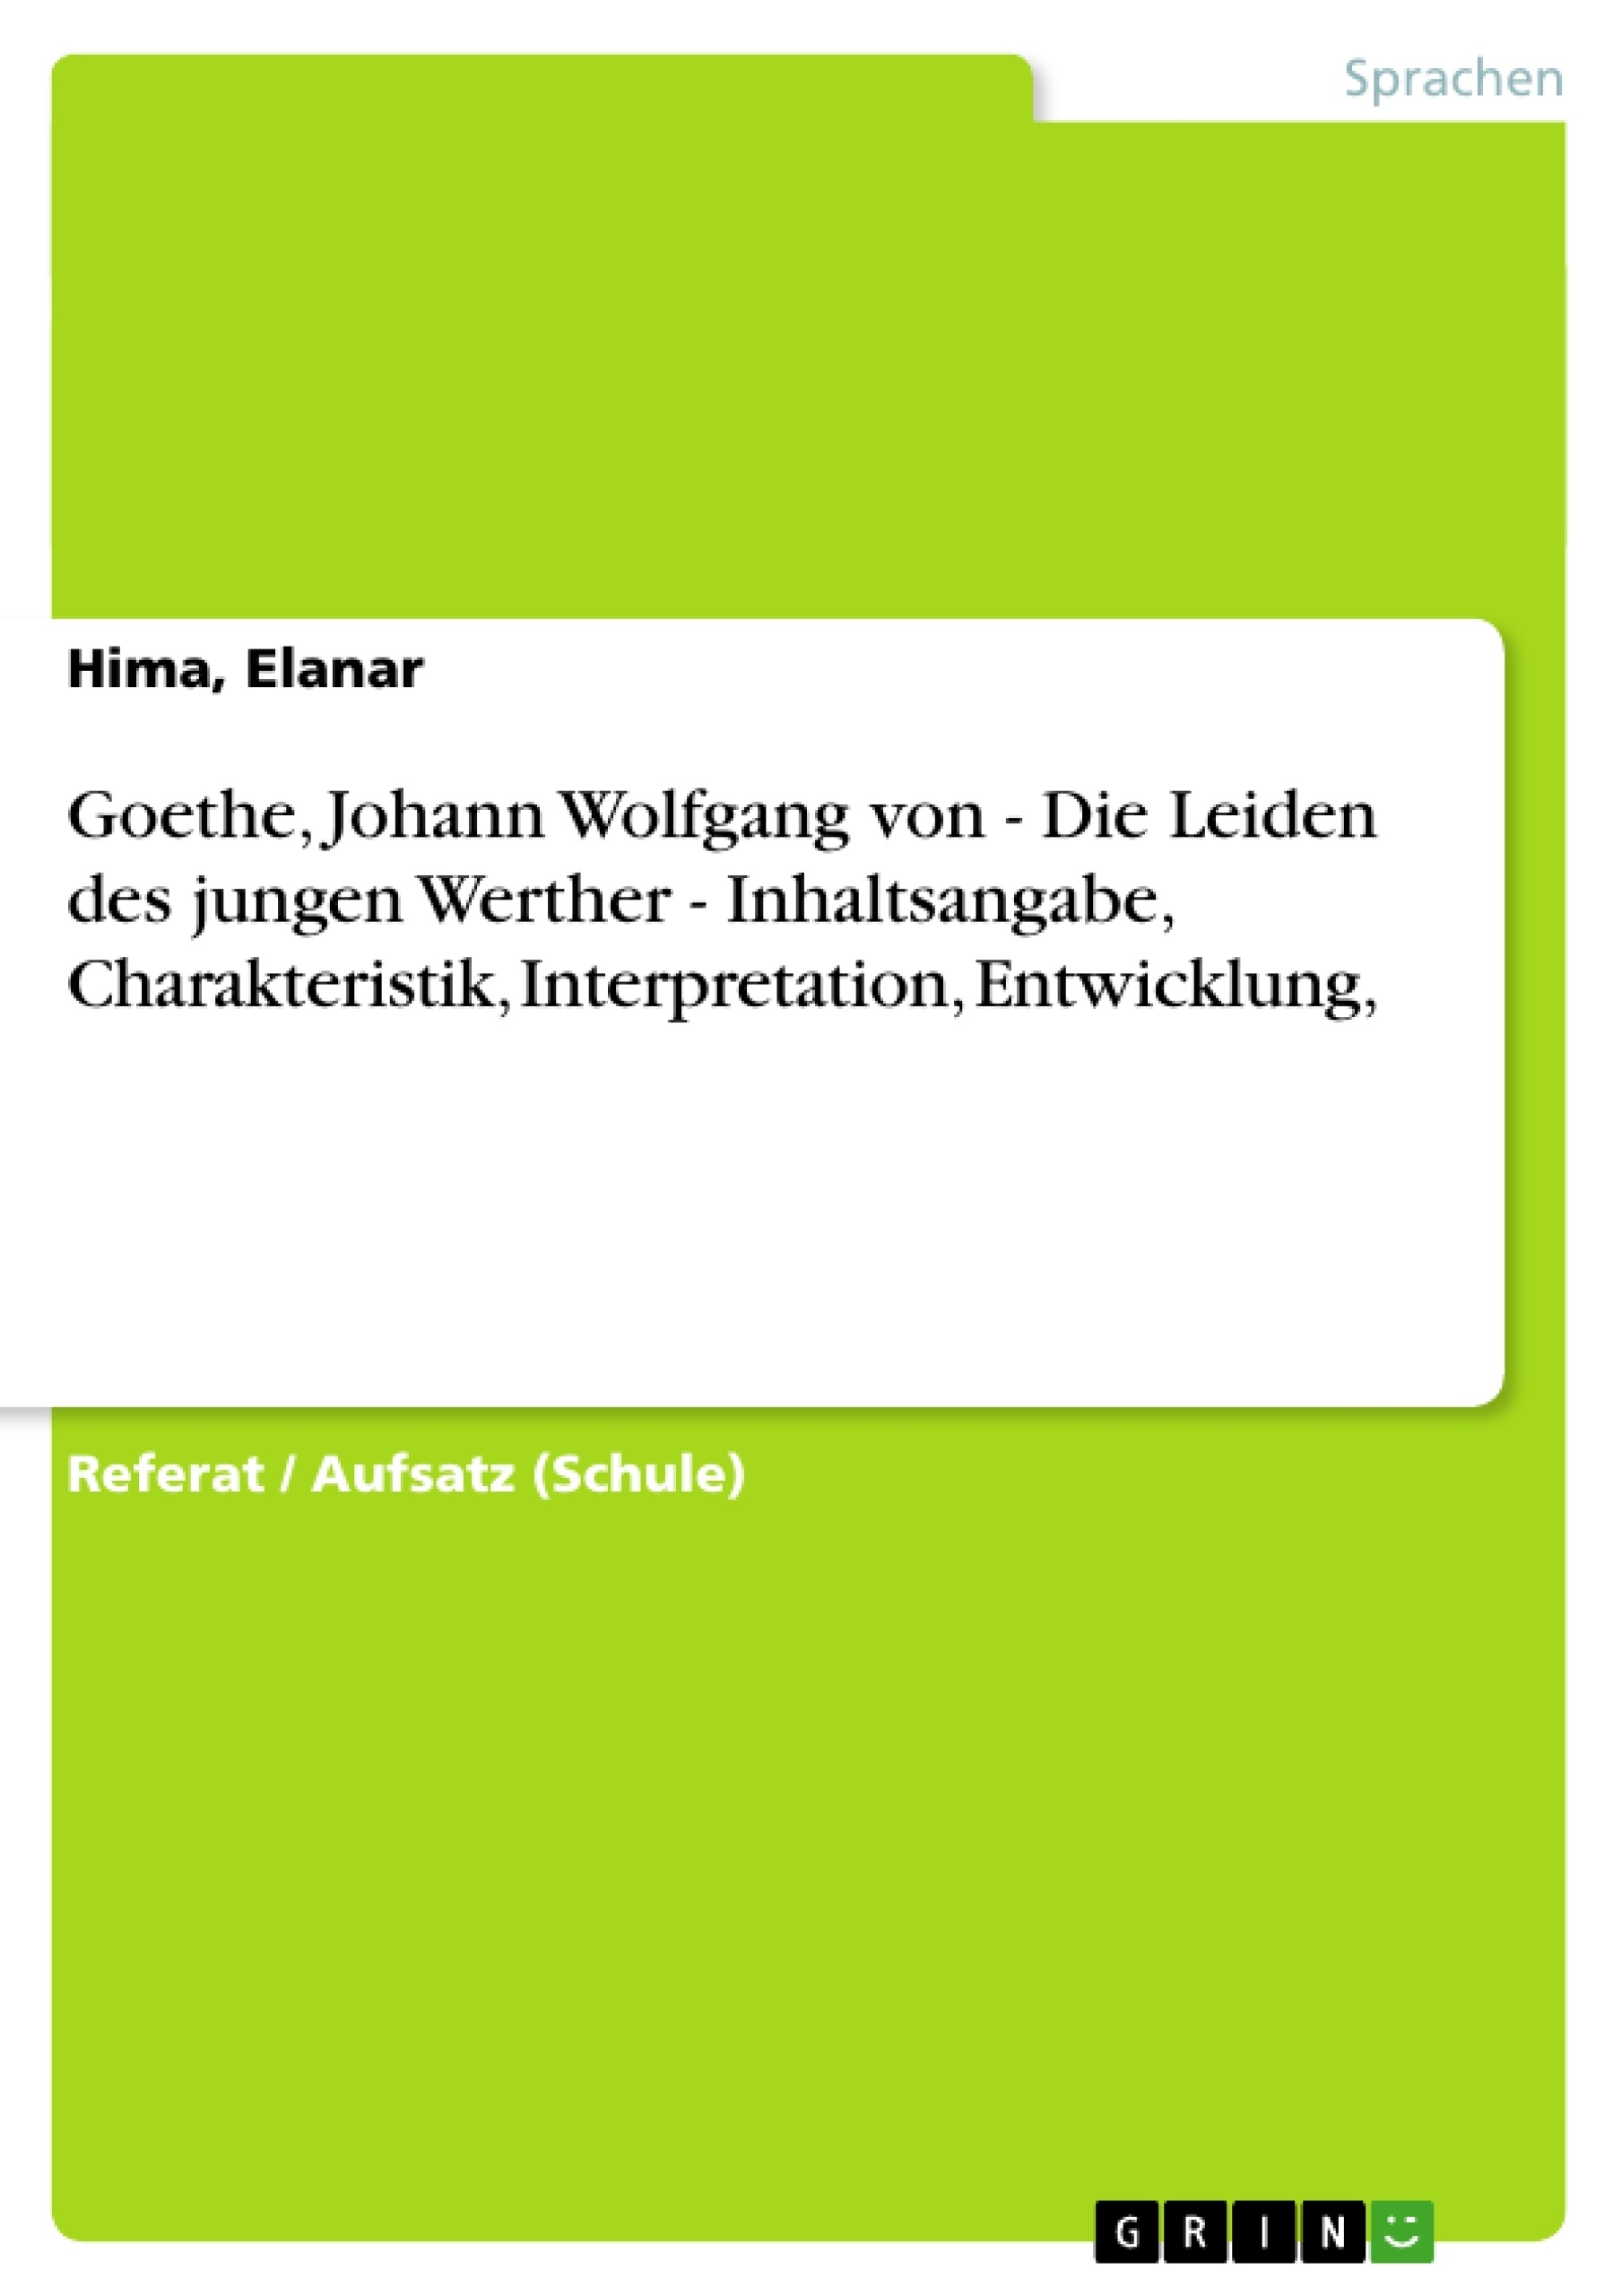 Titel: Goethe, Johann Wolfgang von - Die Leiden des jungen Werther - Inhaltsangabe, Charakteristik, Interpretation, Entwicklung,